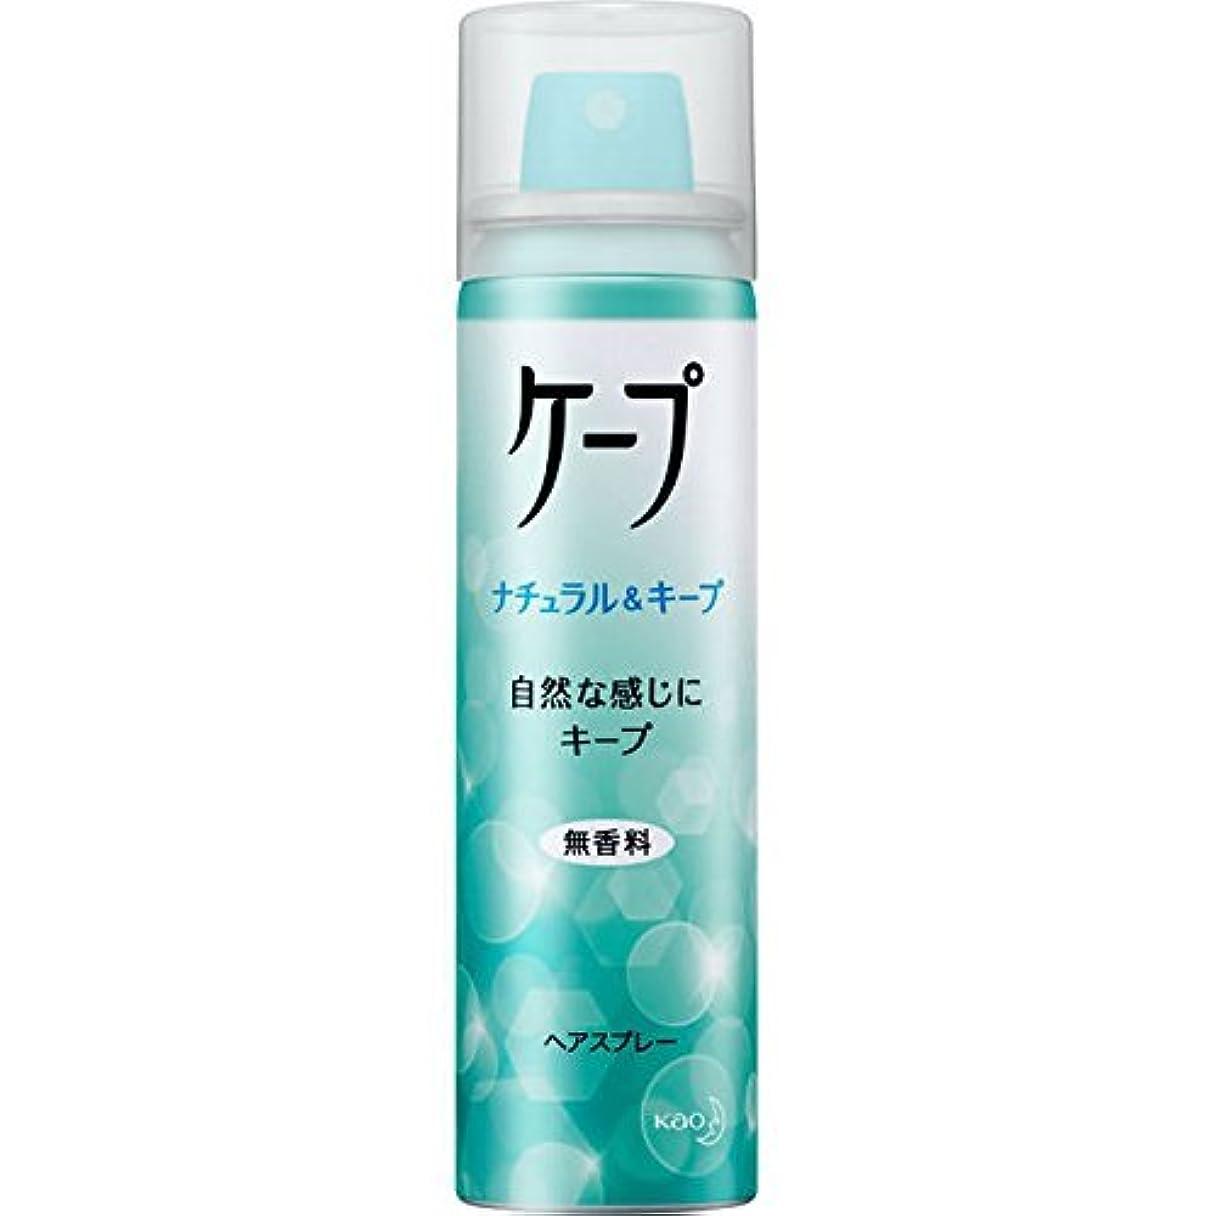 マーカー細心のセンター花王 ケープ ナチュラル&キープ 無香料 50g